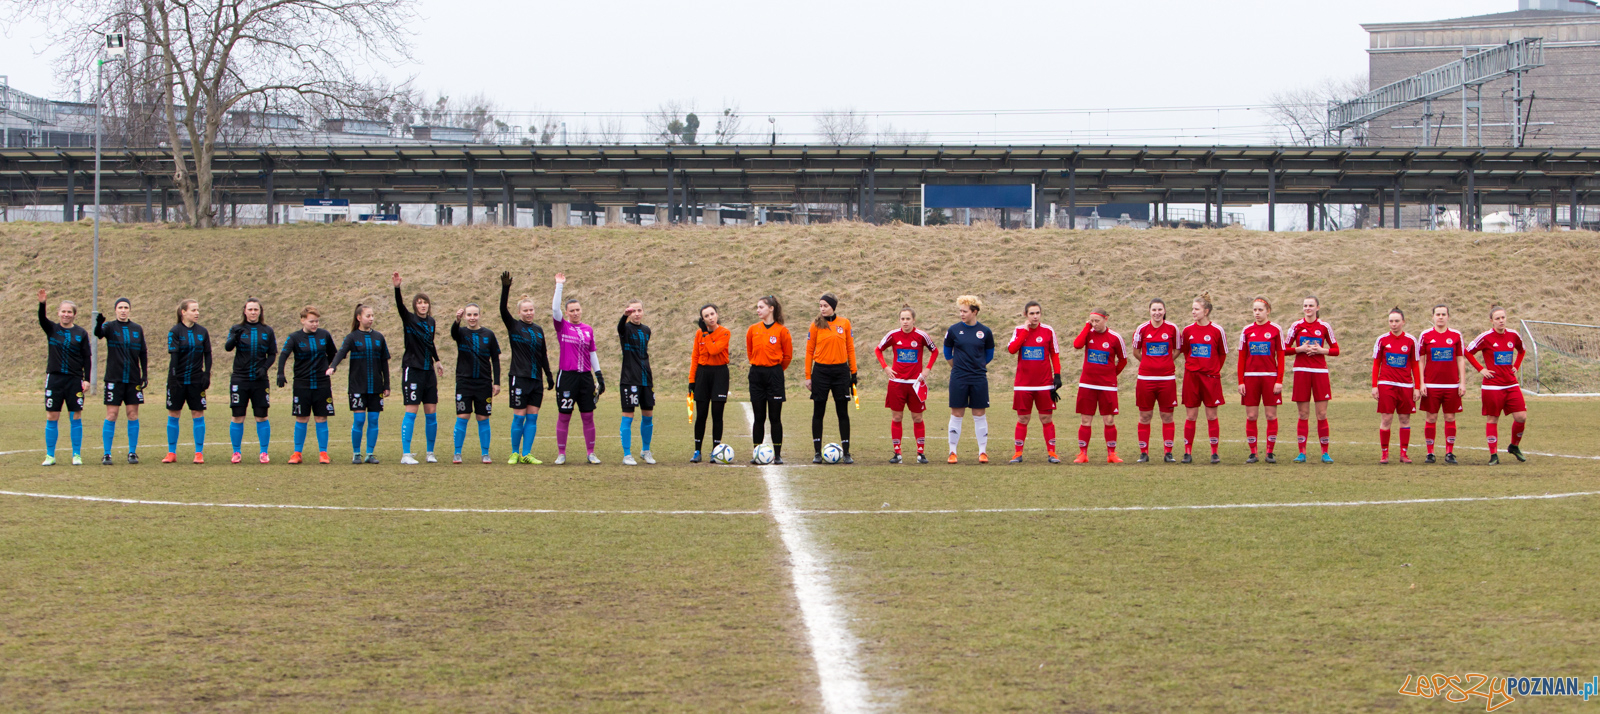 TS Polonia Poznań – KKP Bydgoszcz  Foto: lepszyPOZNAN.pl/Piotr Rychter